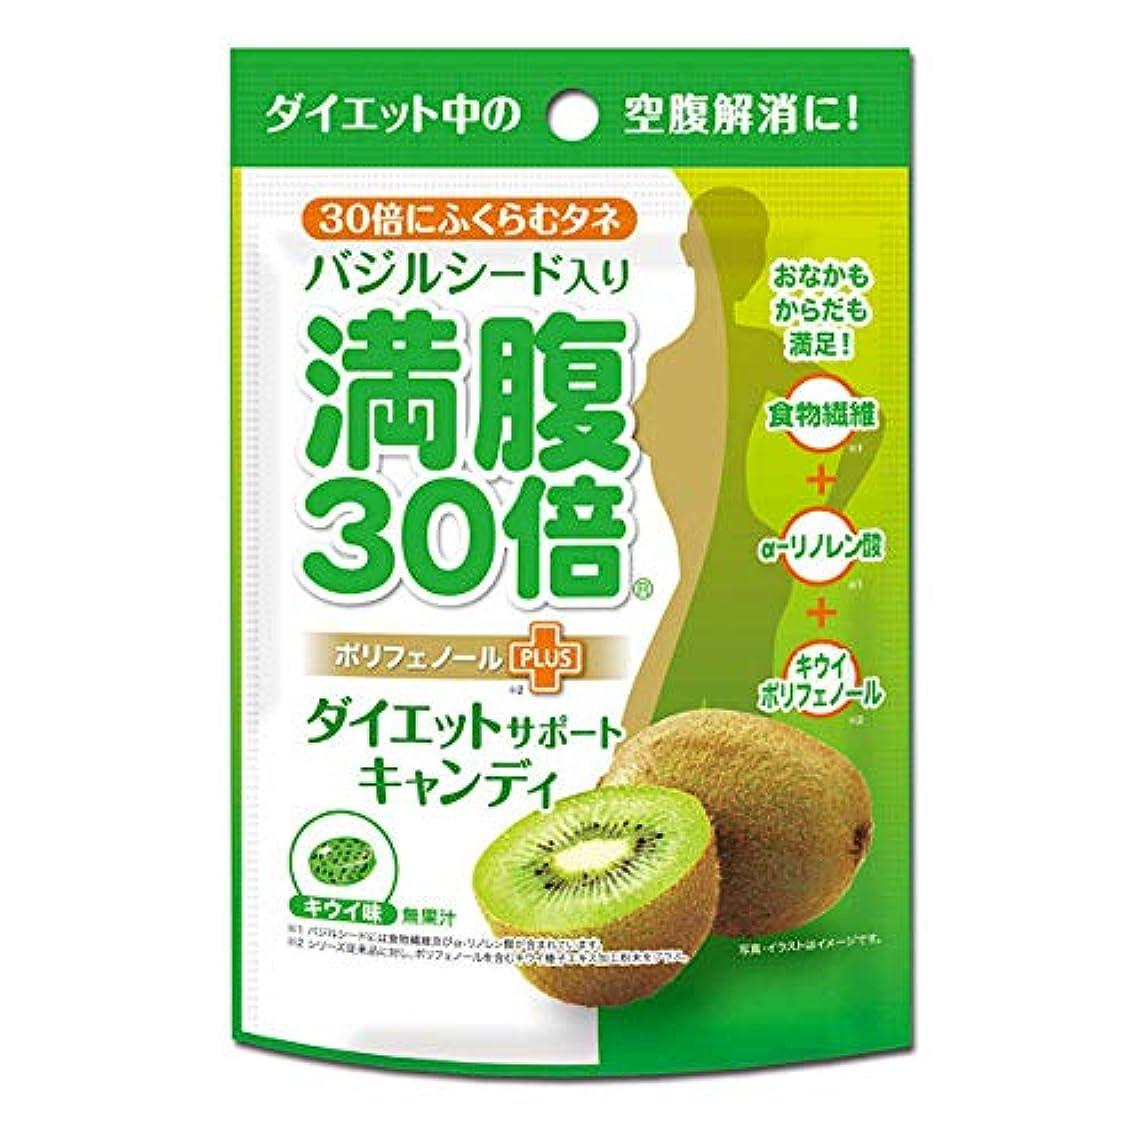 ハム税金汚い満腹30倍 ダイエットサポートキャンディ キウイ味 42g 約11粒入